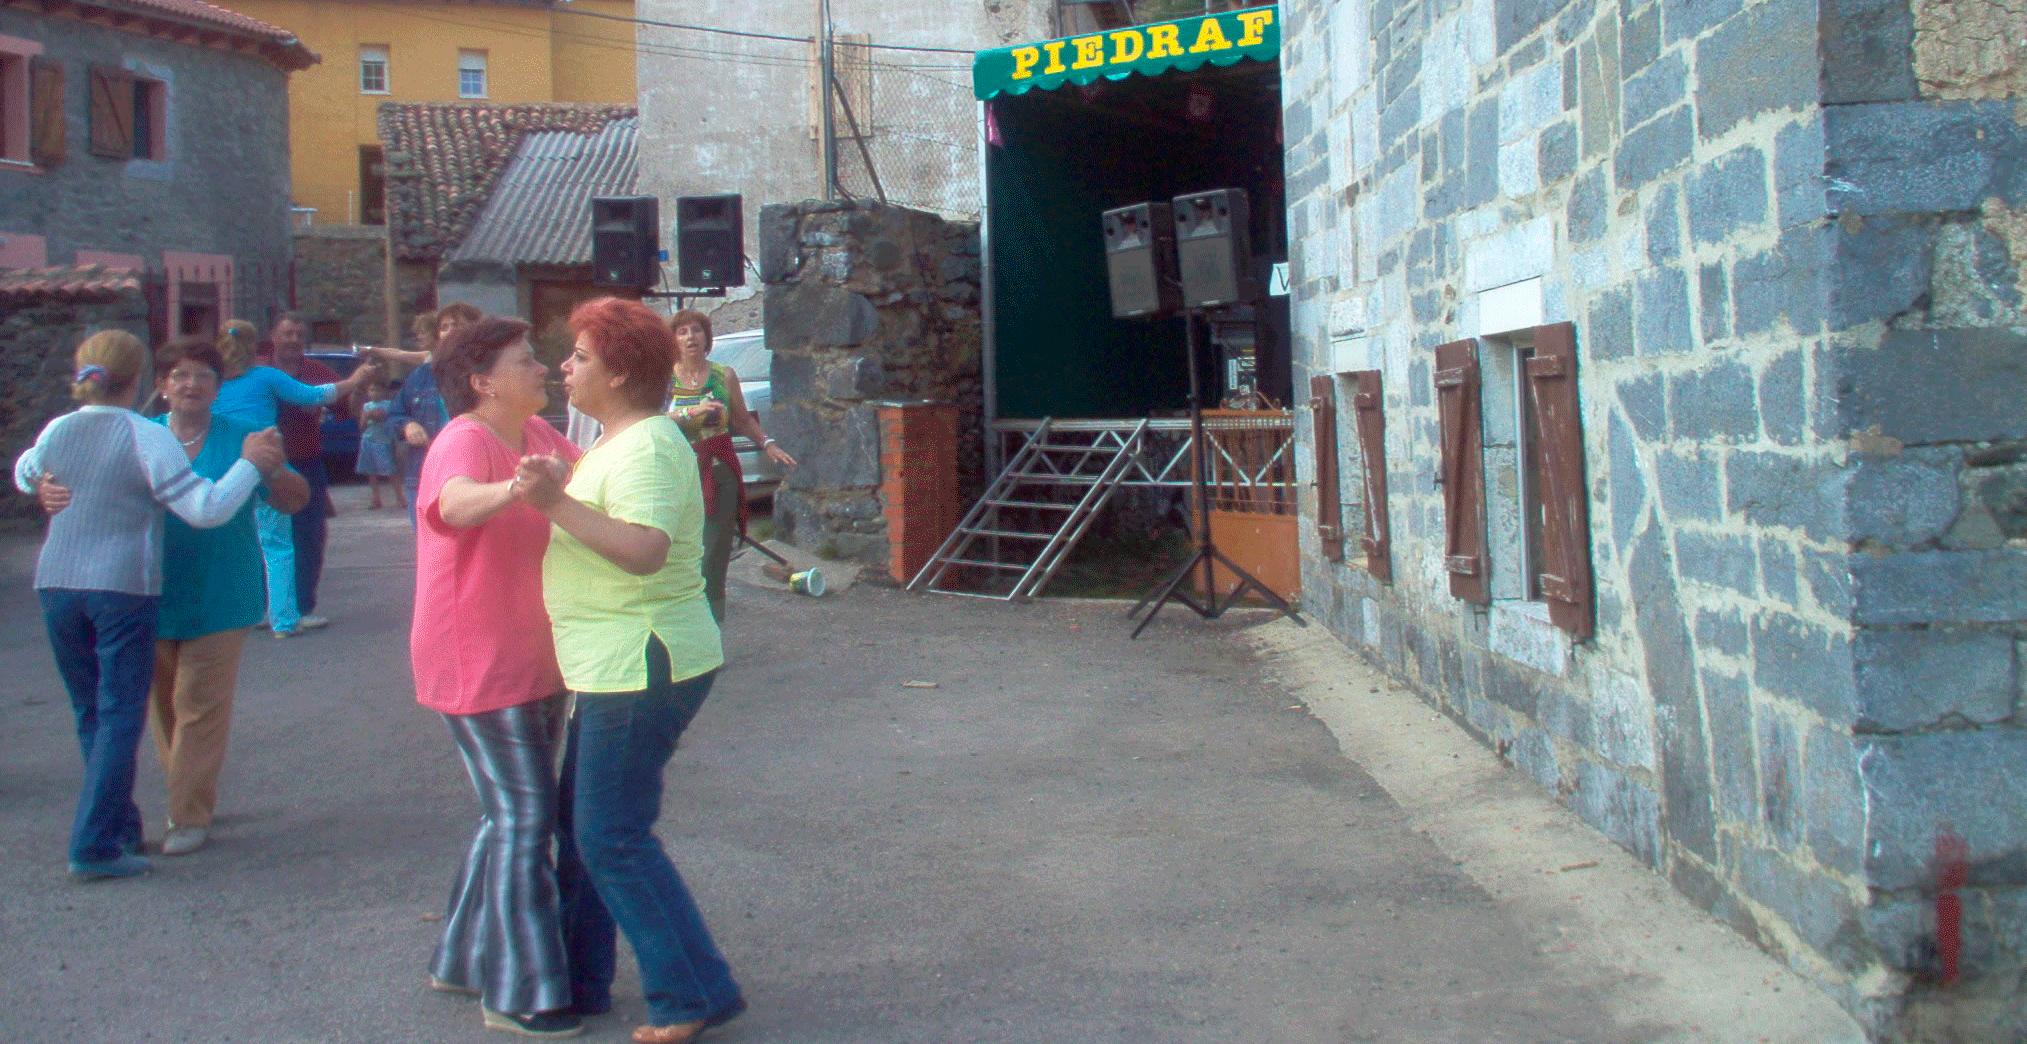 fiestas y folclore de Piedrafita